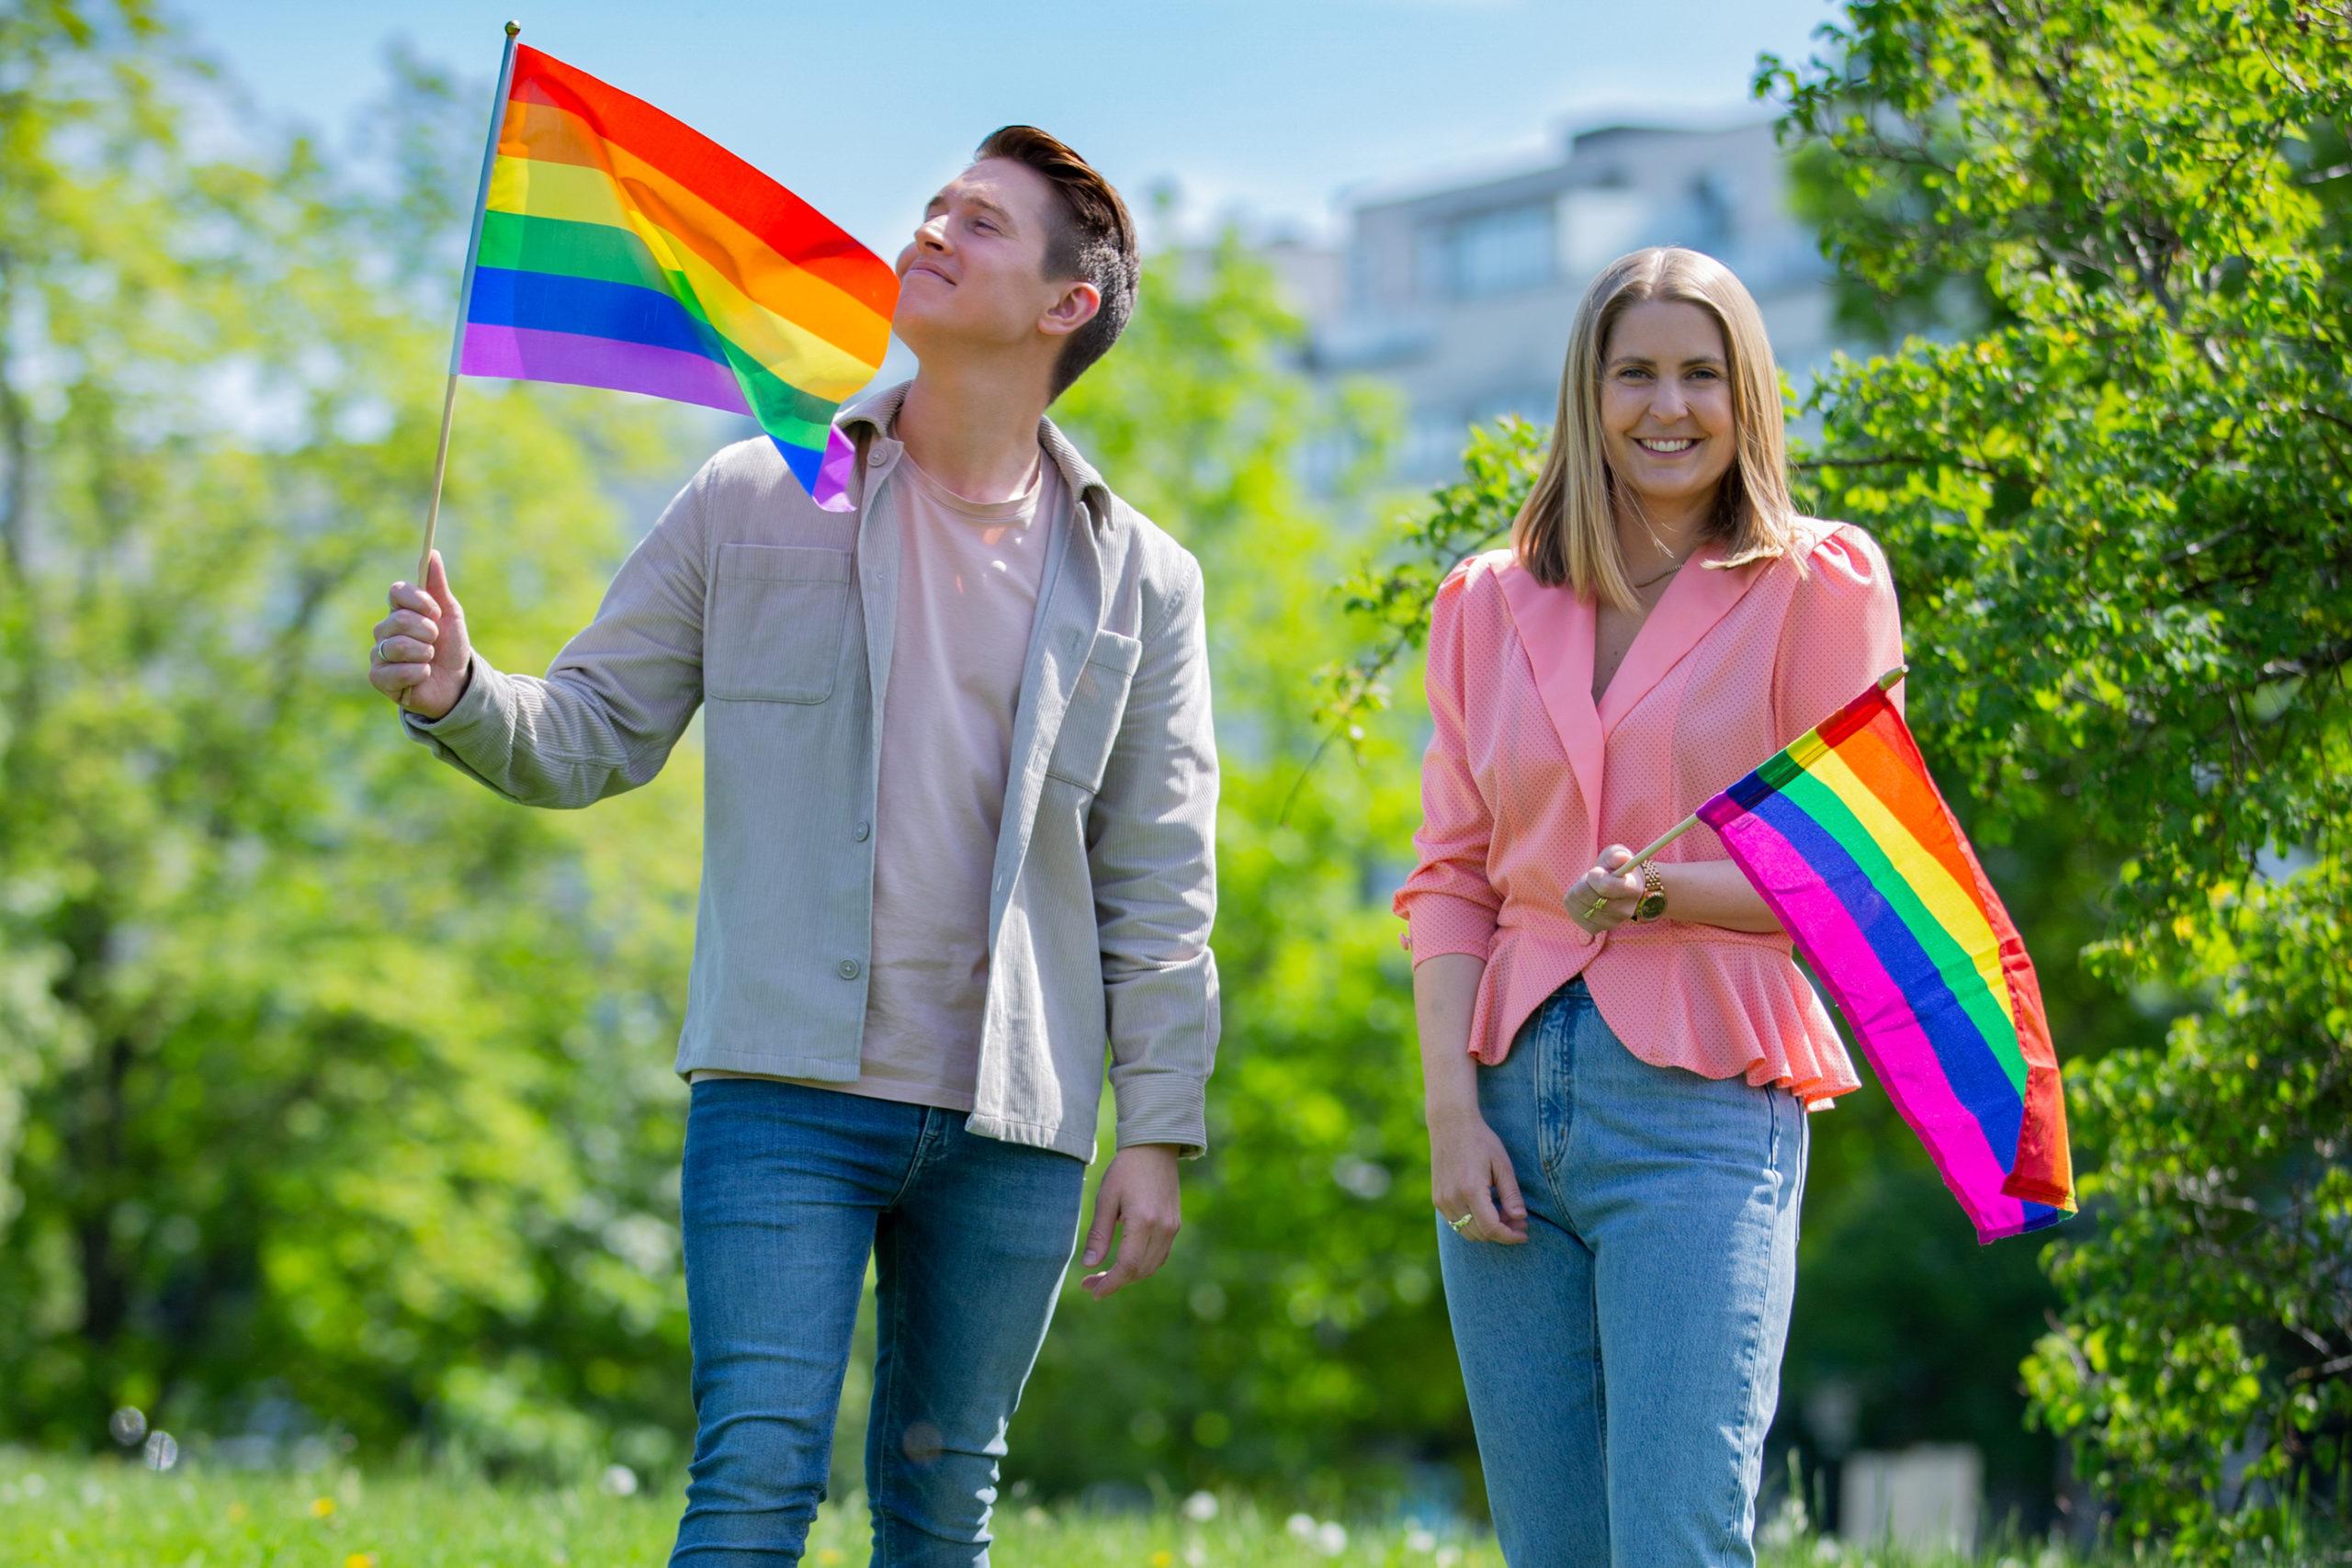 Benjamin har på seg en lys jakke og rosa t-skjorte. Han har et prideflagg i hånden og ser mot flagget. Han har på seg blå jeans. Silje har på seg rosa bluse og holder et prideflagg i hånden. Hun har et stort smil og ser rett inn i kamera. Hun har lys blondt hår. Hun har på seg blå jeans. De står foran grønne trær.